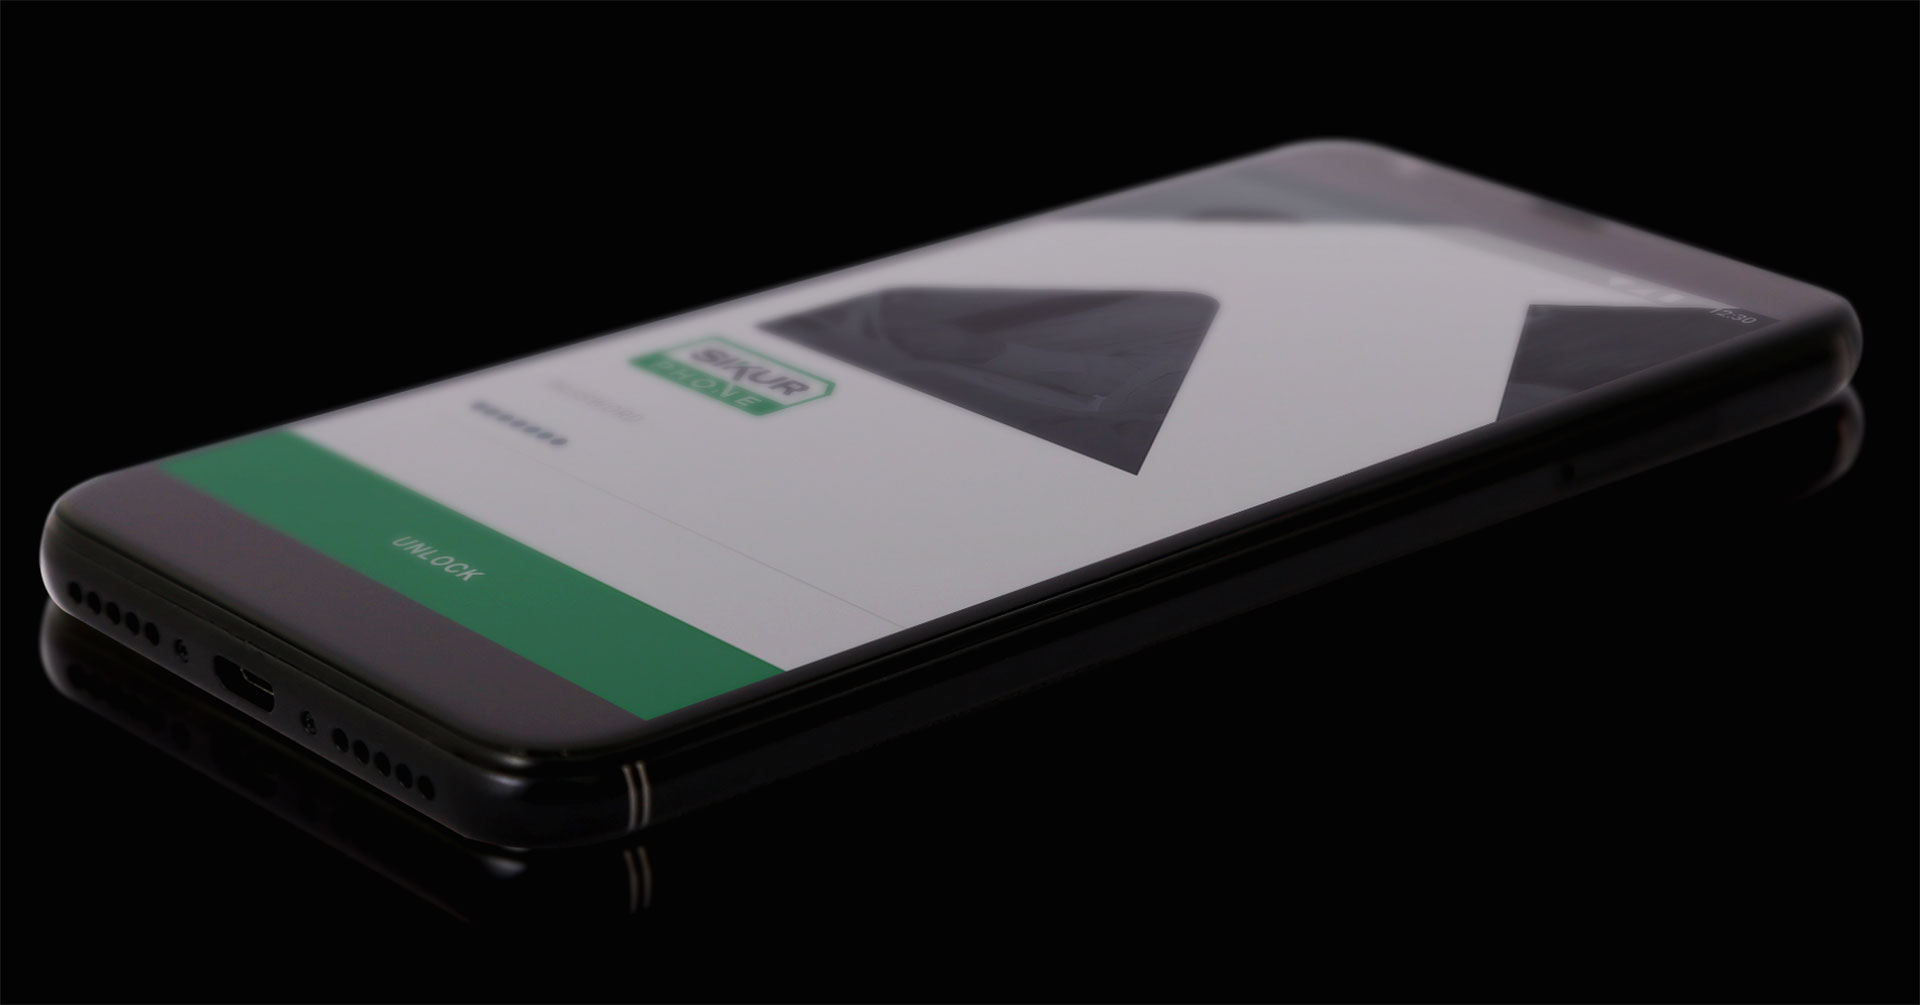 SikurPhone tiene una billetera digital integrada a su software, para realizar transacciones en bitcoins. Su sistema operativo personalizado tiene algunas características para proteger el móvil de posibles hackeos